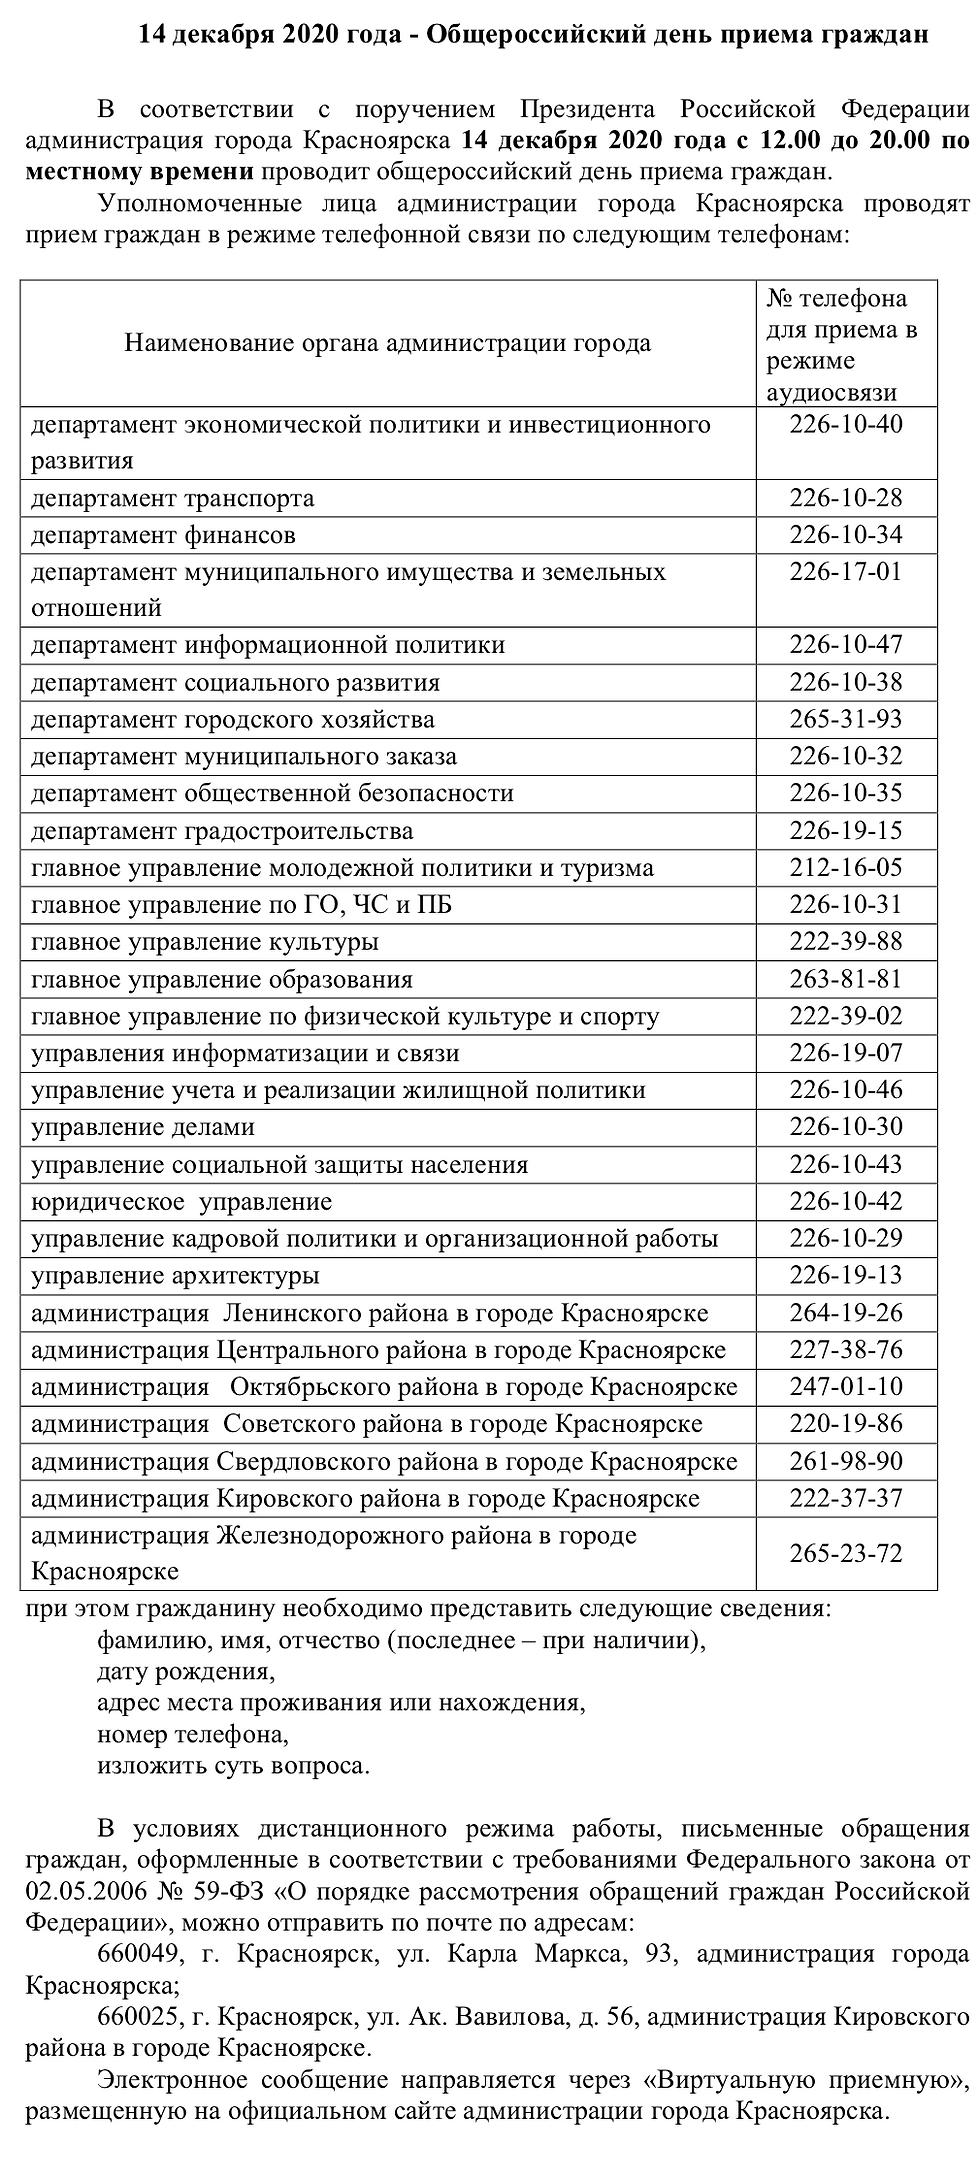 Объявление о проведении ОДПГ 14.12.2020.